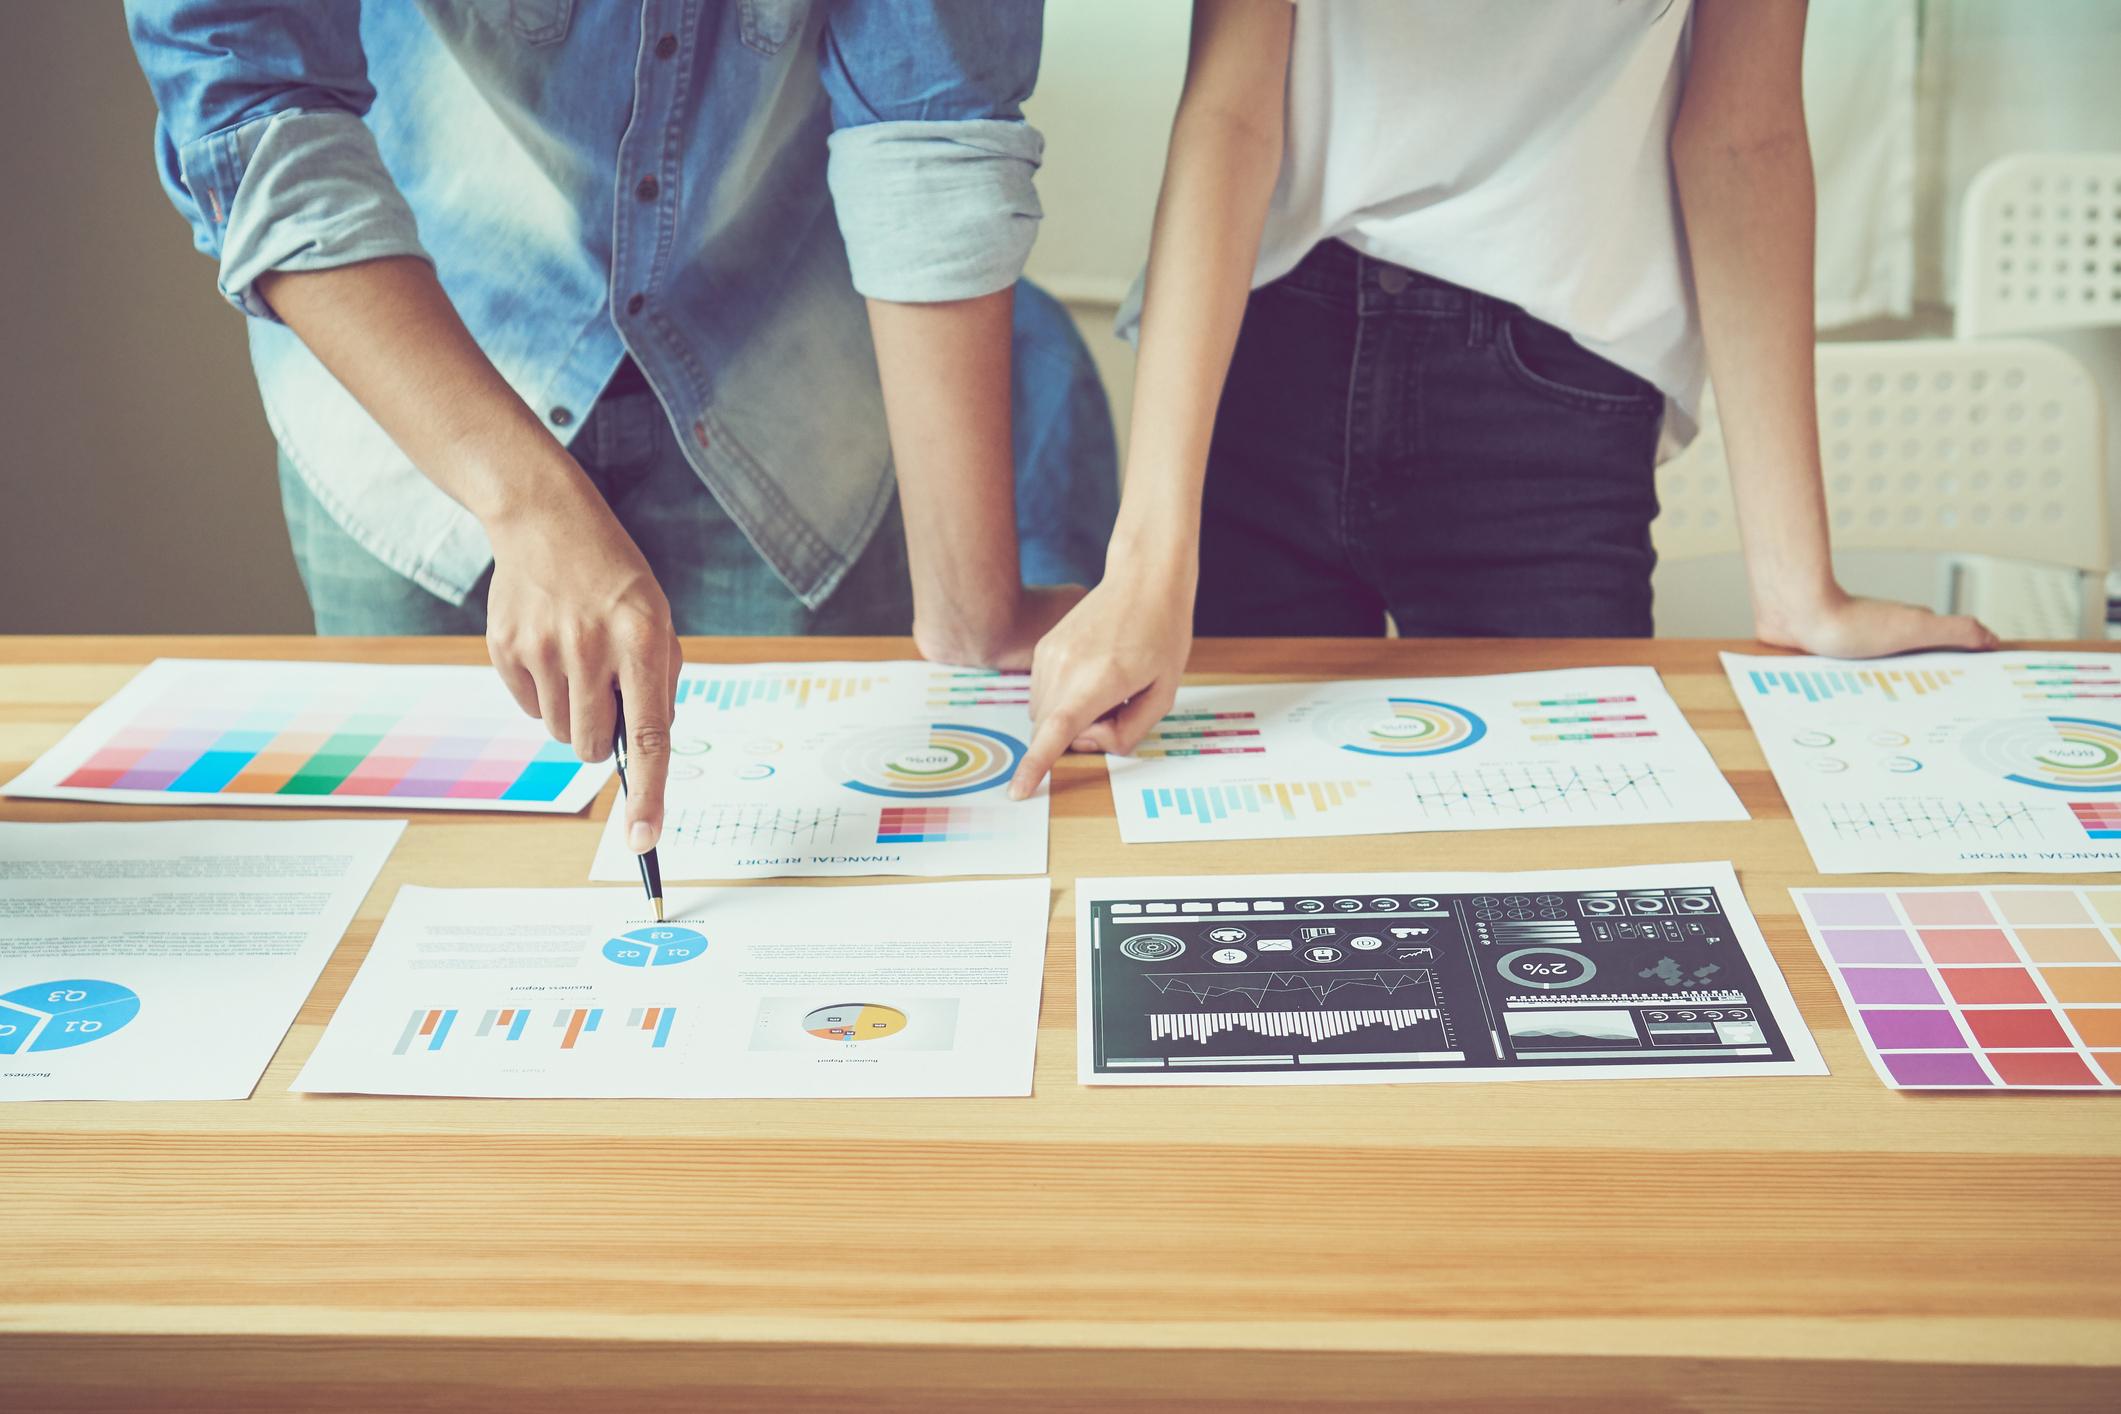 Learning design - Oppimismuotoilusta tukea organisaation oppimiskyvyn vahvistamiseksi